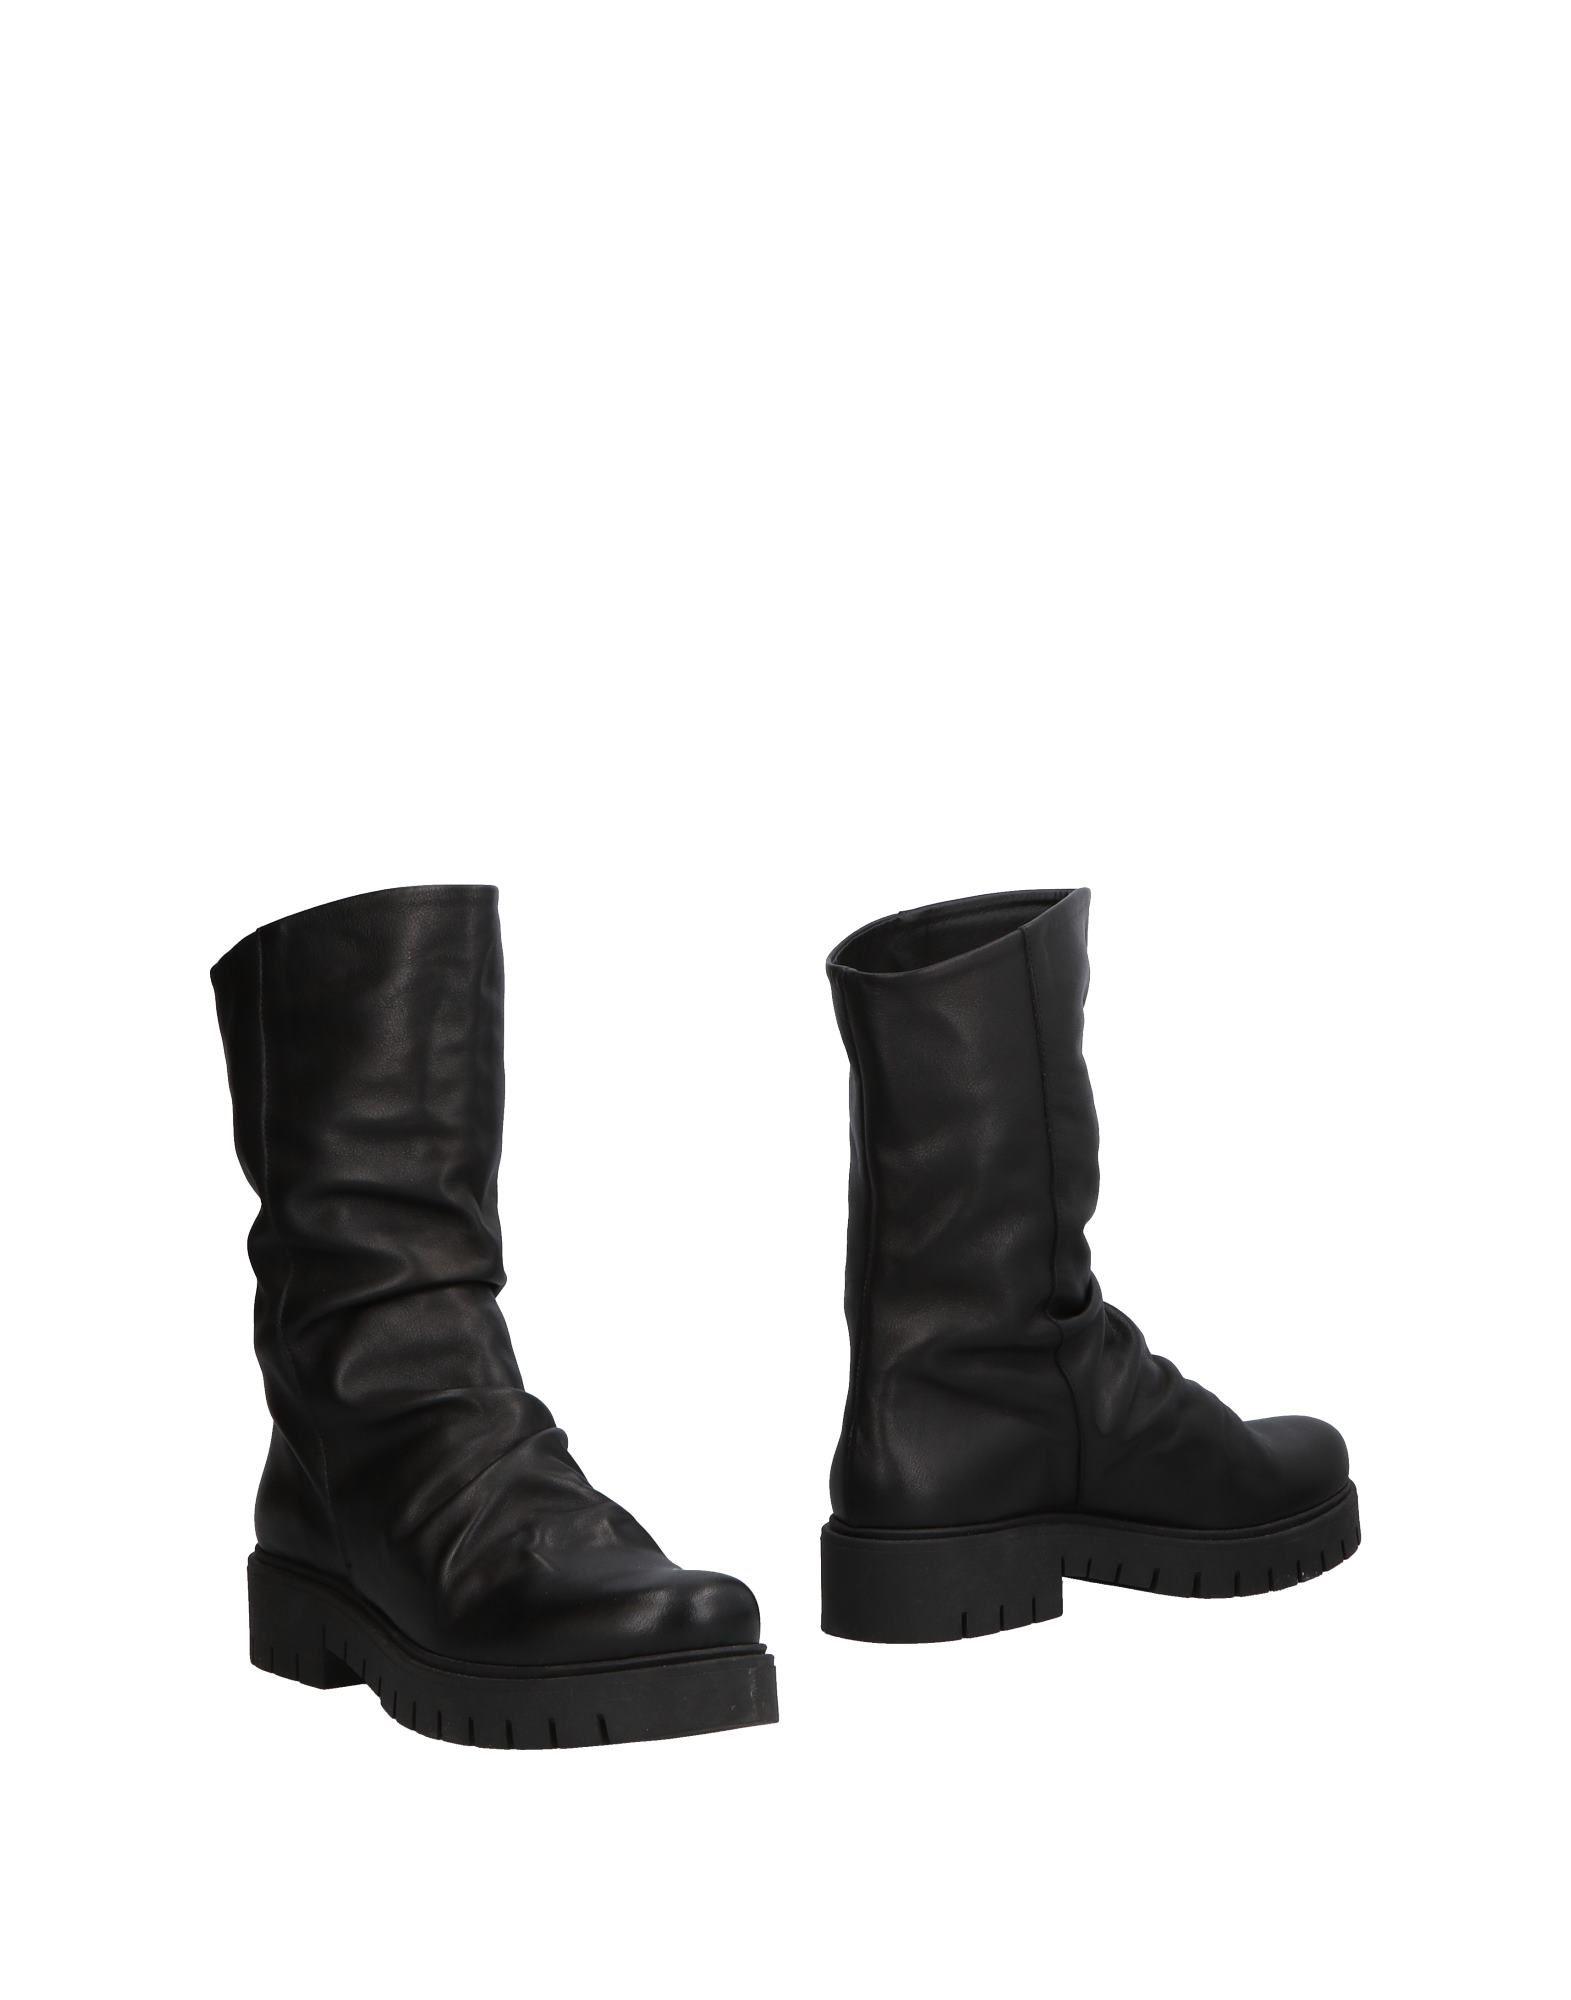 Ovye' By Cristina Lucchi Stiefelette Damen  11506715TV Gute Qualität beliebte Schuhe